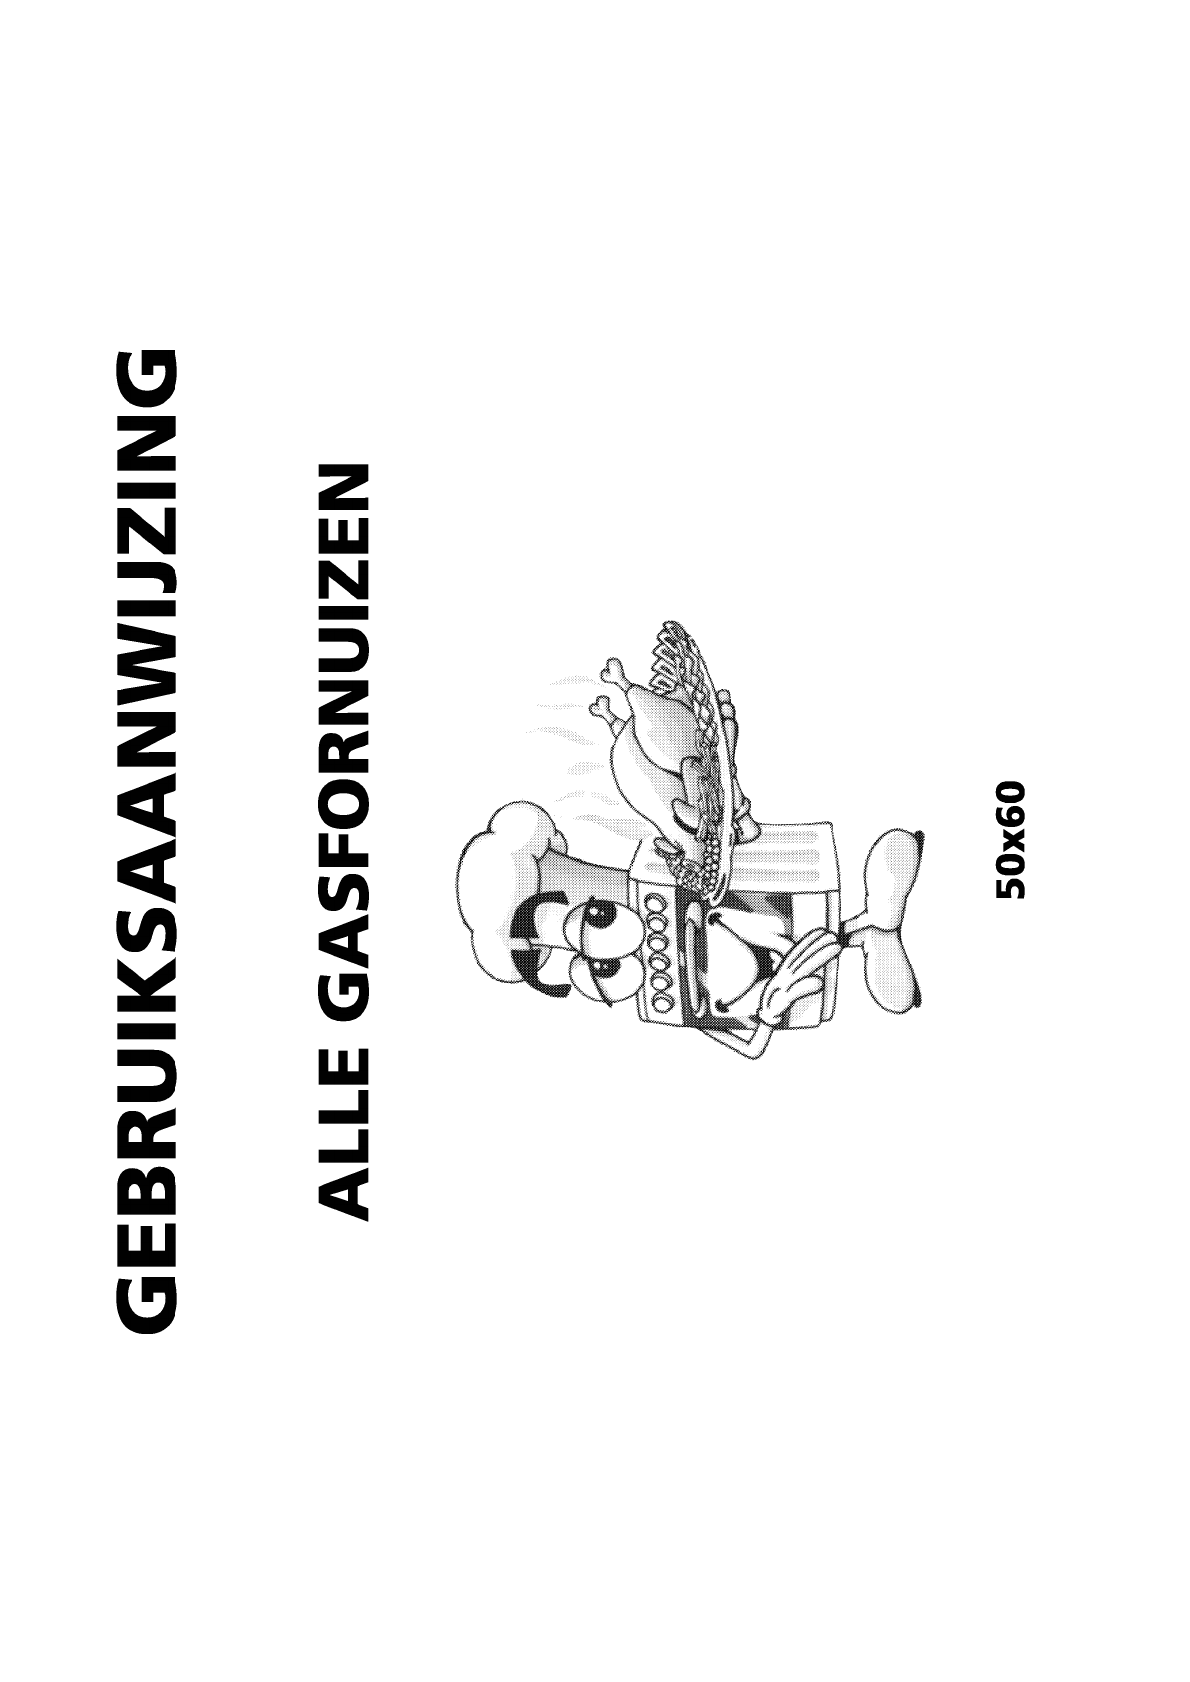 handleiding beko cg 41000  pagina 1 van 28   nederlands